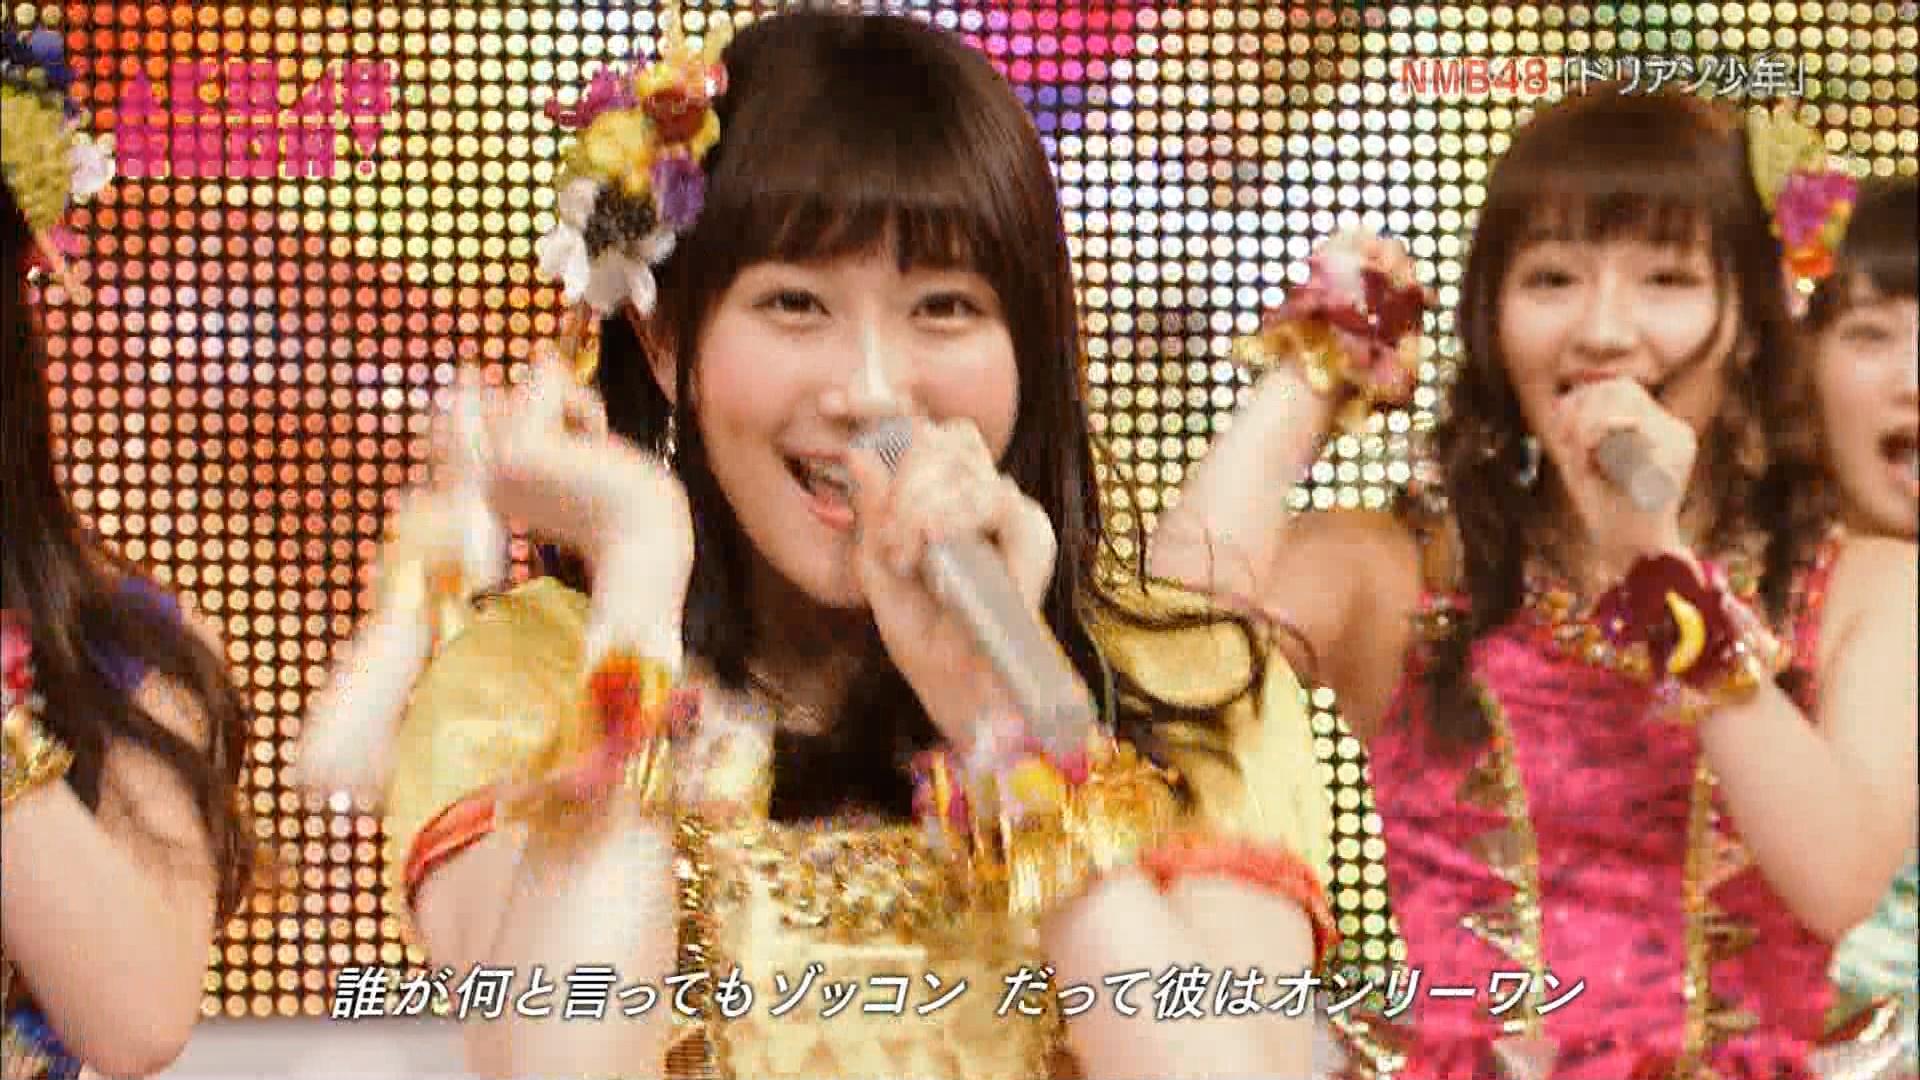 矢倉楓子 NMB48ドリアン少年 AKB48SHOW20150613 (6)